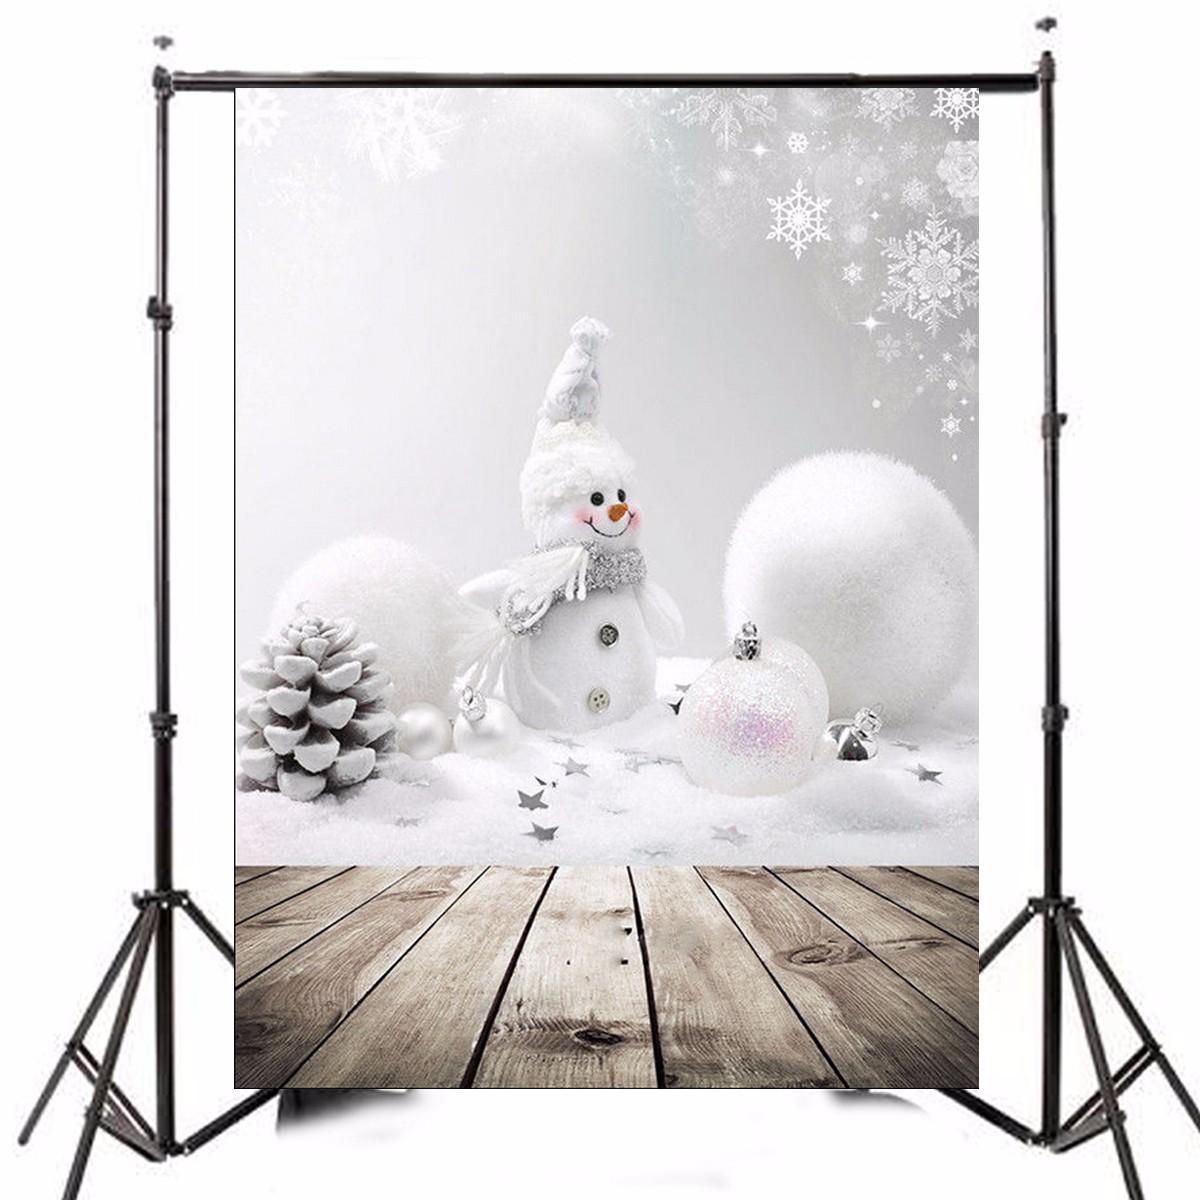 Vinyl szövet háttér fotózáshoz.Hóemberes karácsonyi fotó háttér 0.9m x 1.5m 1130341